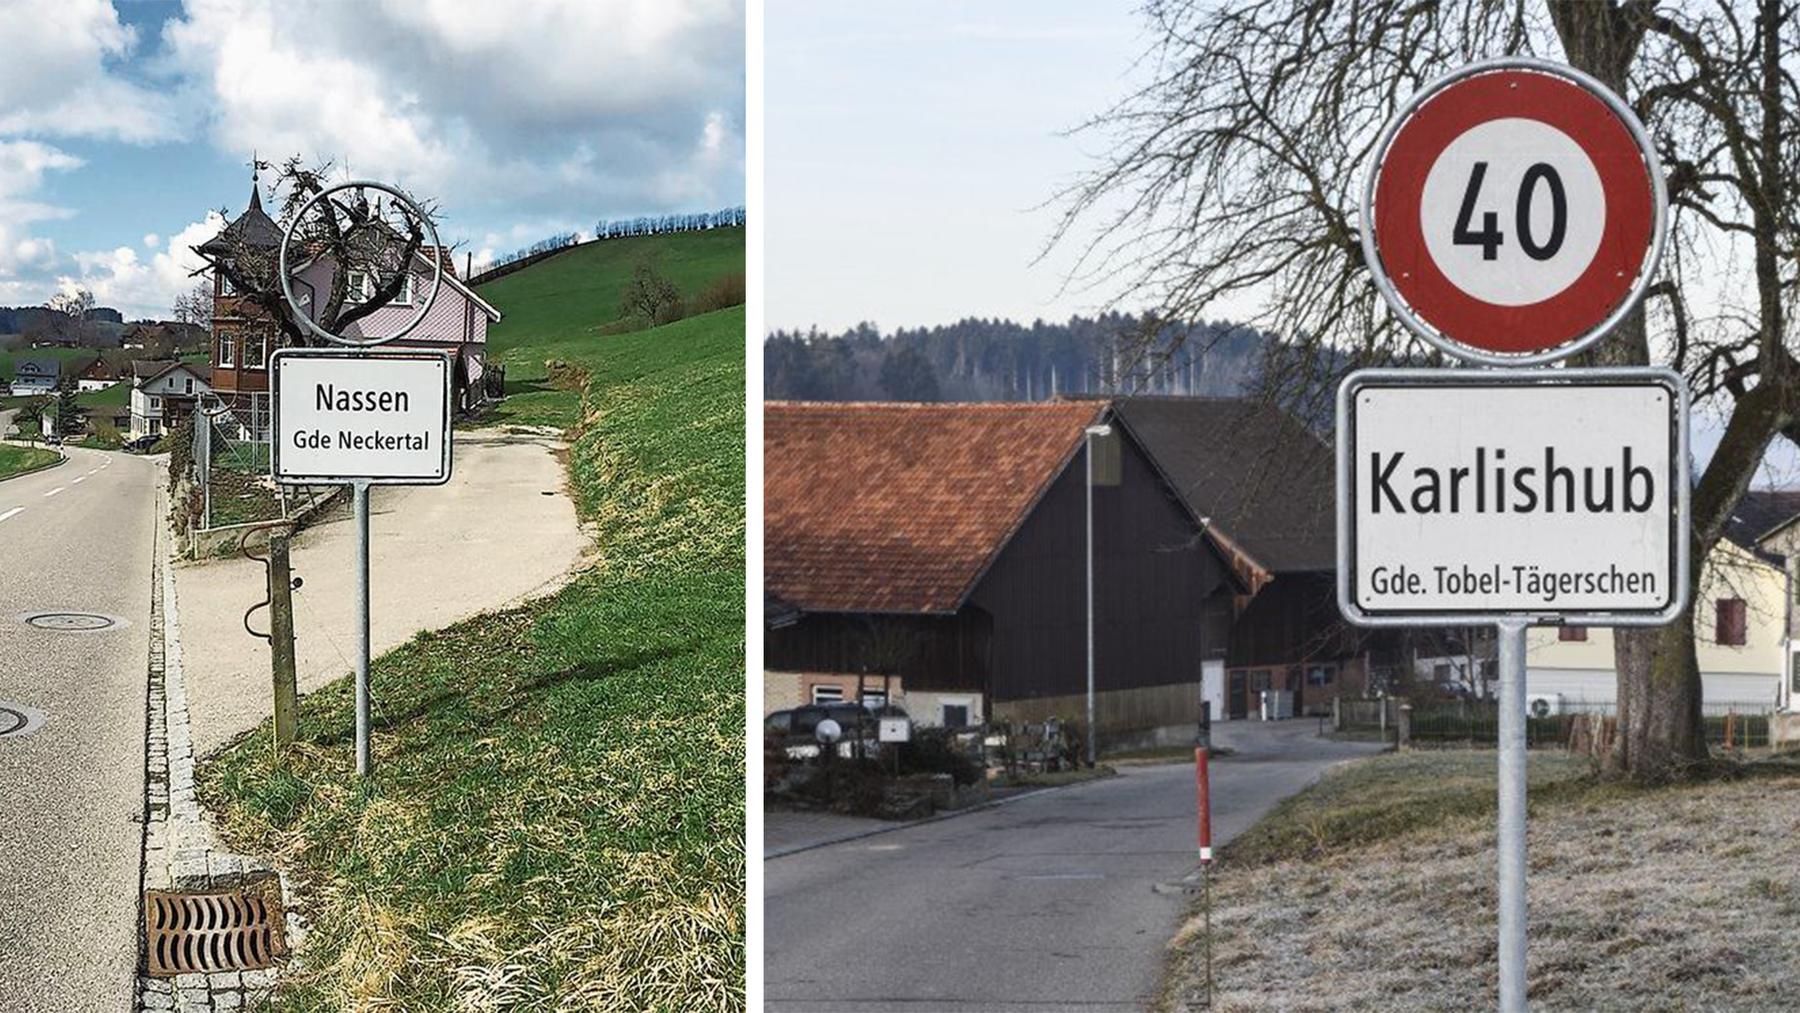 Tafelchaos in der Ostschweiz: An einem Ort fehlen sie und am anderen tauchen sie wieder auf.